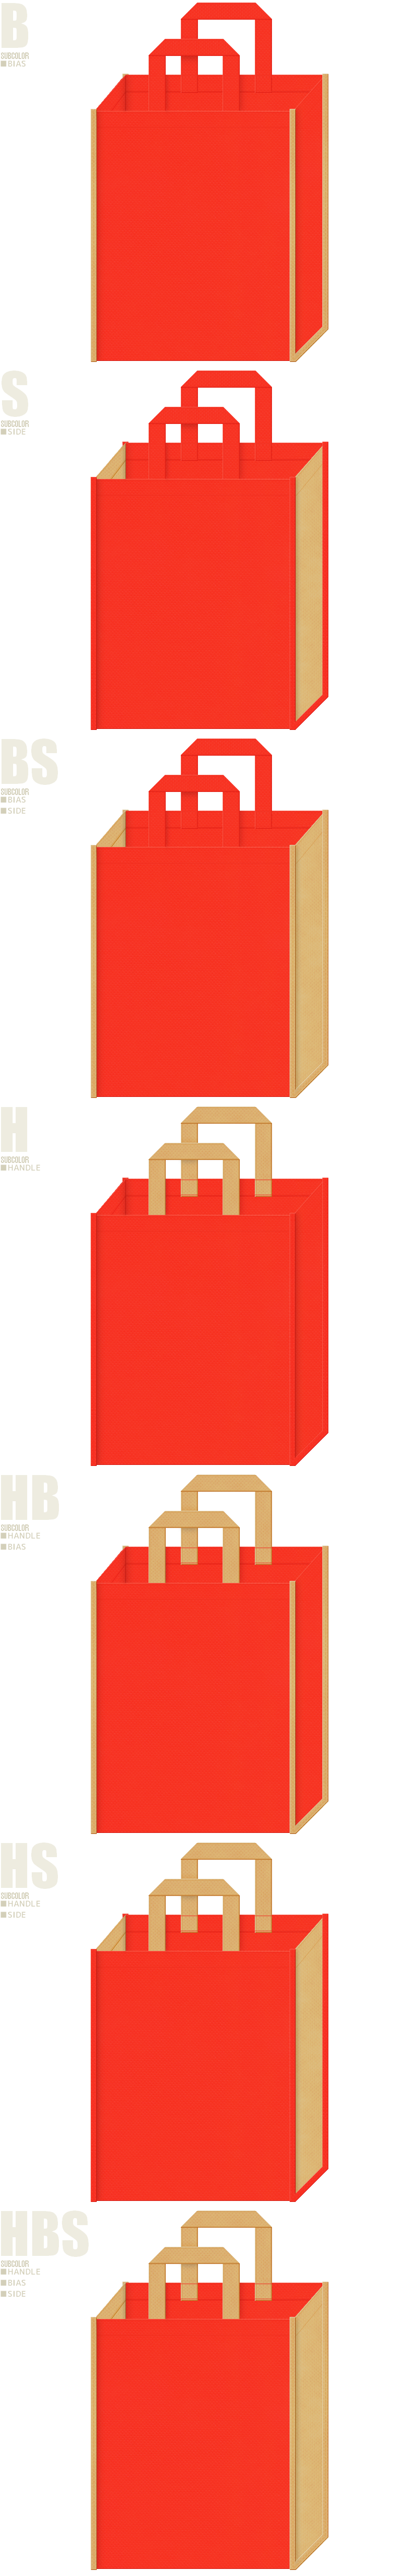 木製玩具・絵本・じゃがいも・にんじん・キッチン・レシピ・オニオンスープ・サラダ油・調味料・パスタ・お料理教室・ランチバッグにお奨めの不織布バッグデザイン:オレンジ色と薄黄土色の配色7パターン